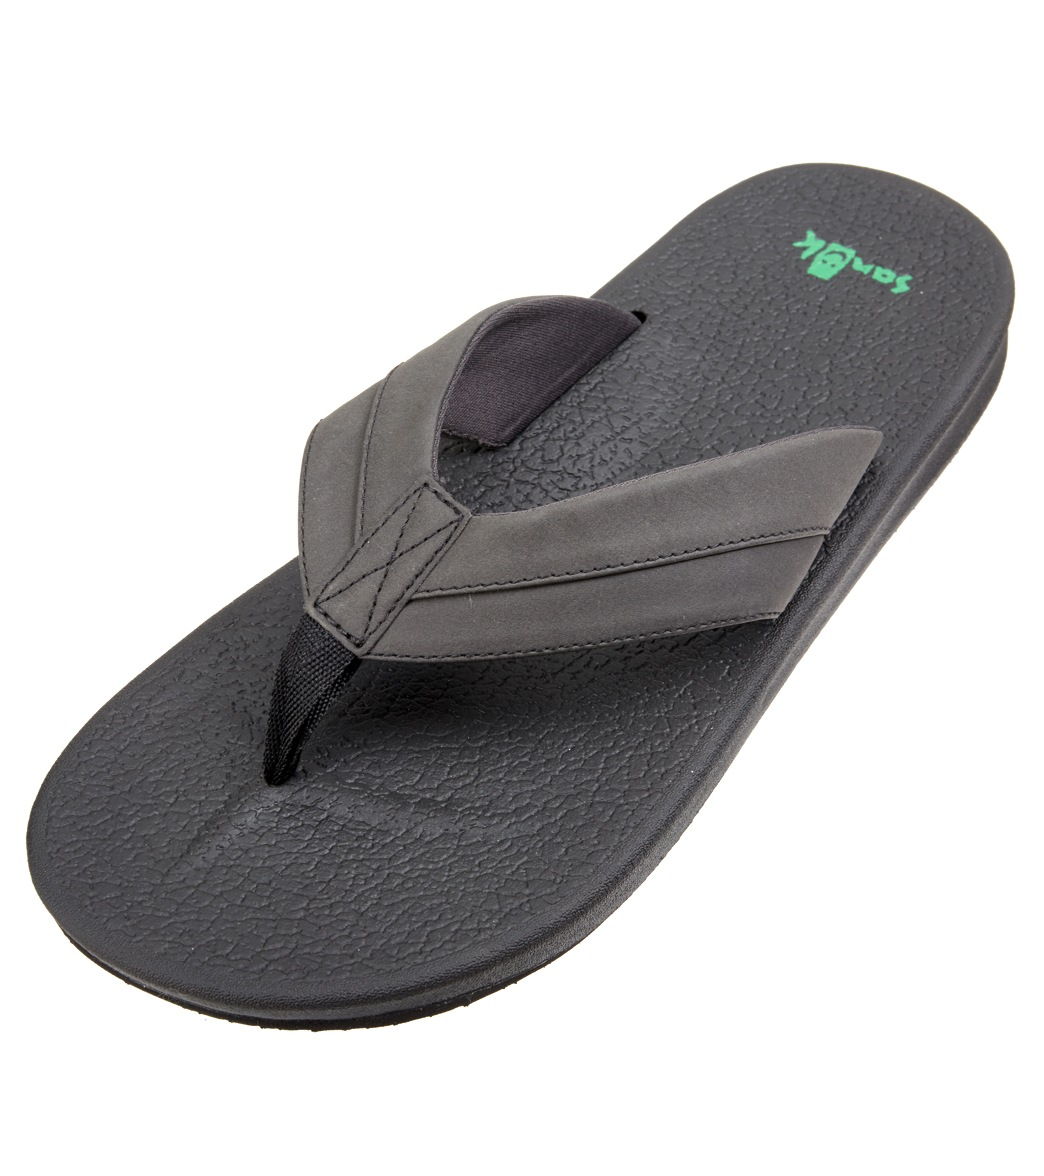 8c5695061f2d Sanuk Men s Brumeister Flip Flop at SwimOutlet.com